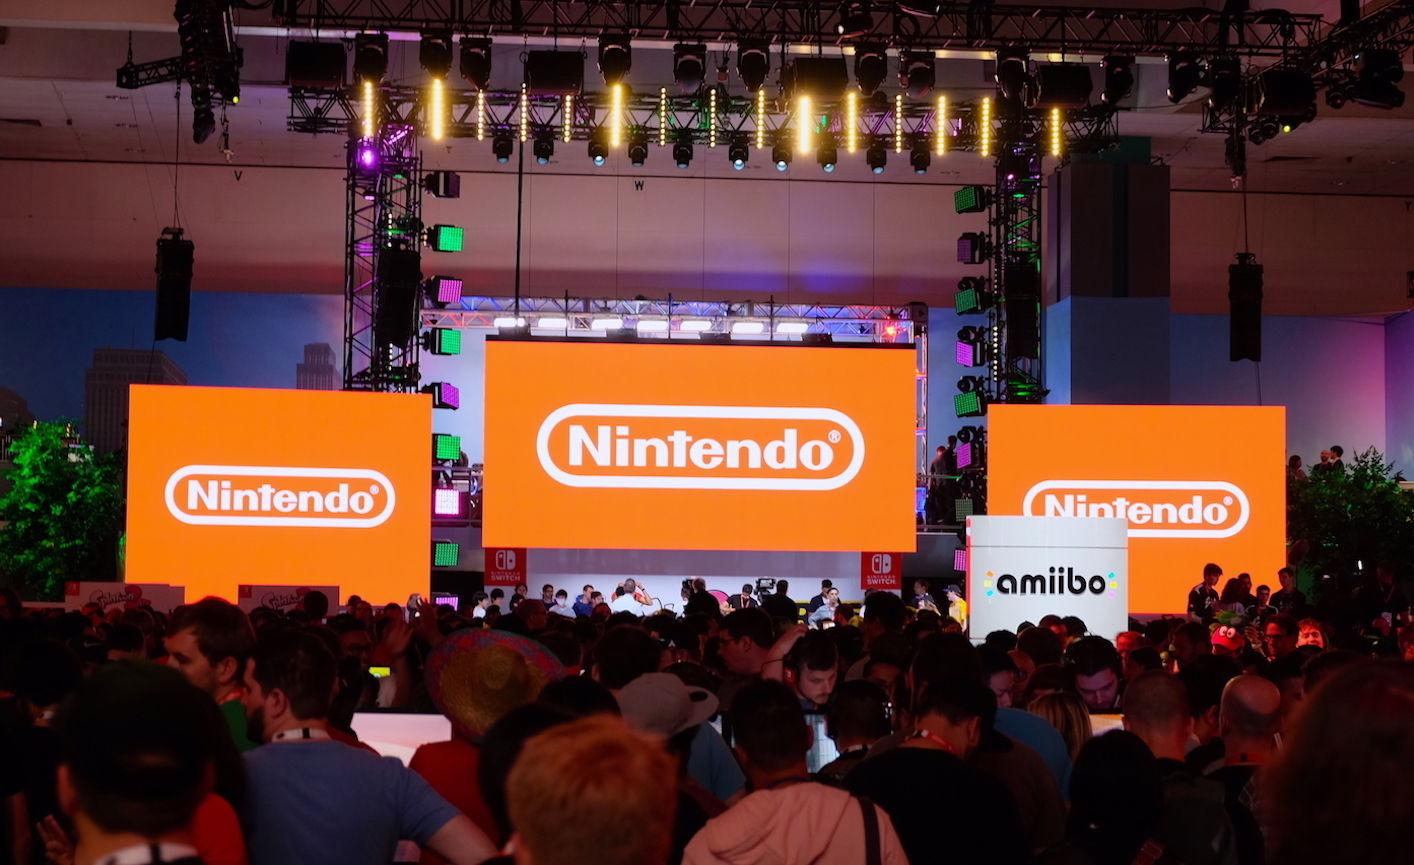 不止是马里奥新作,塞尔达更新也诚意满满,看看任天堂在 E3 上都说了啥?